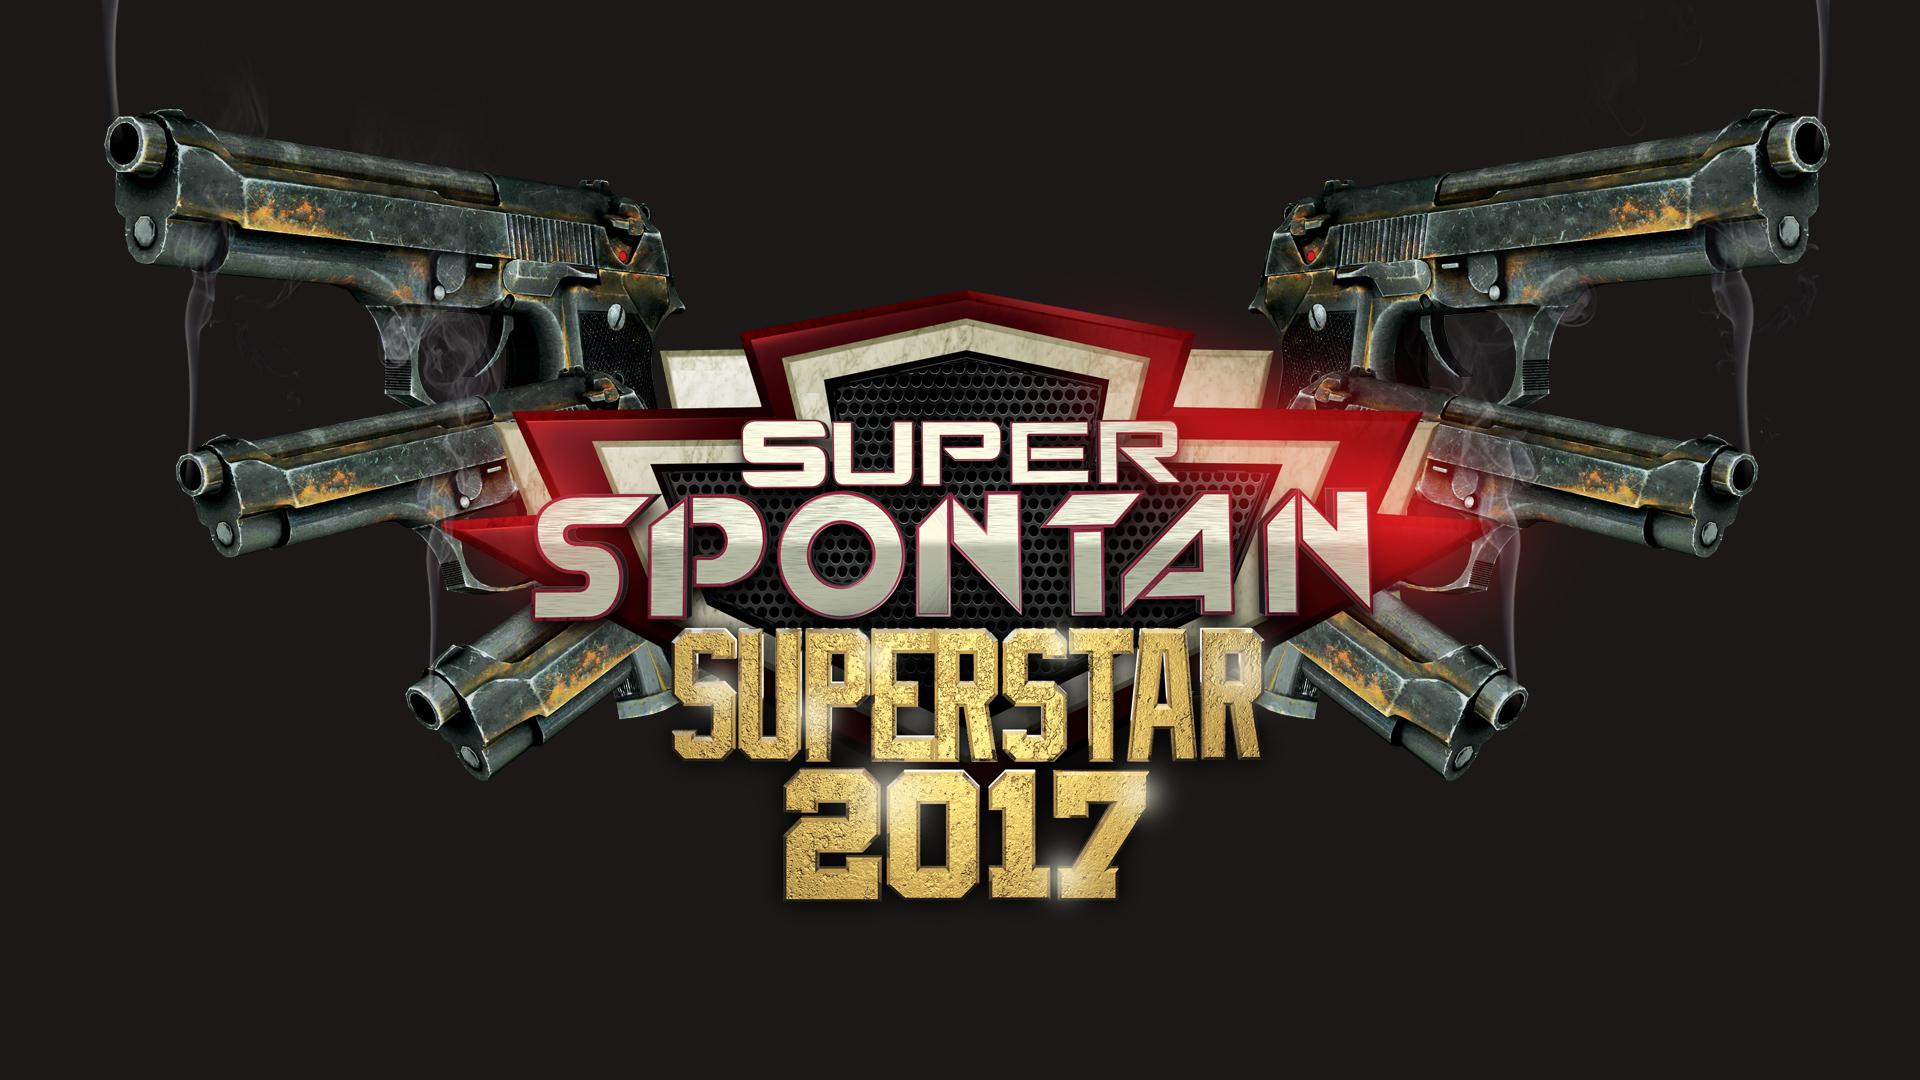 SUPER SPONTAN 9.30